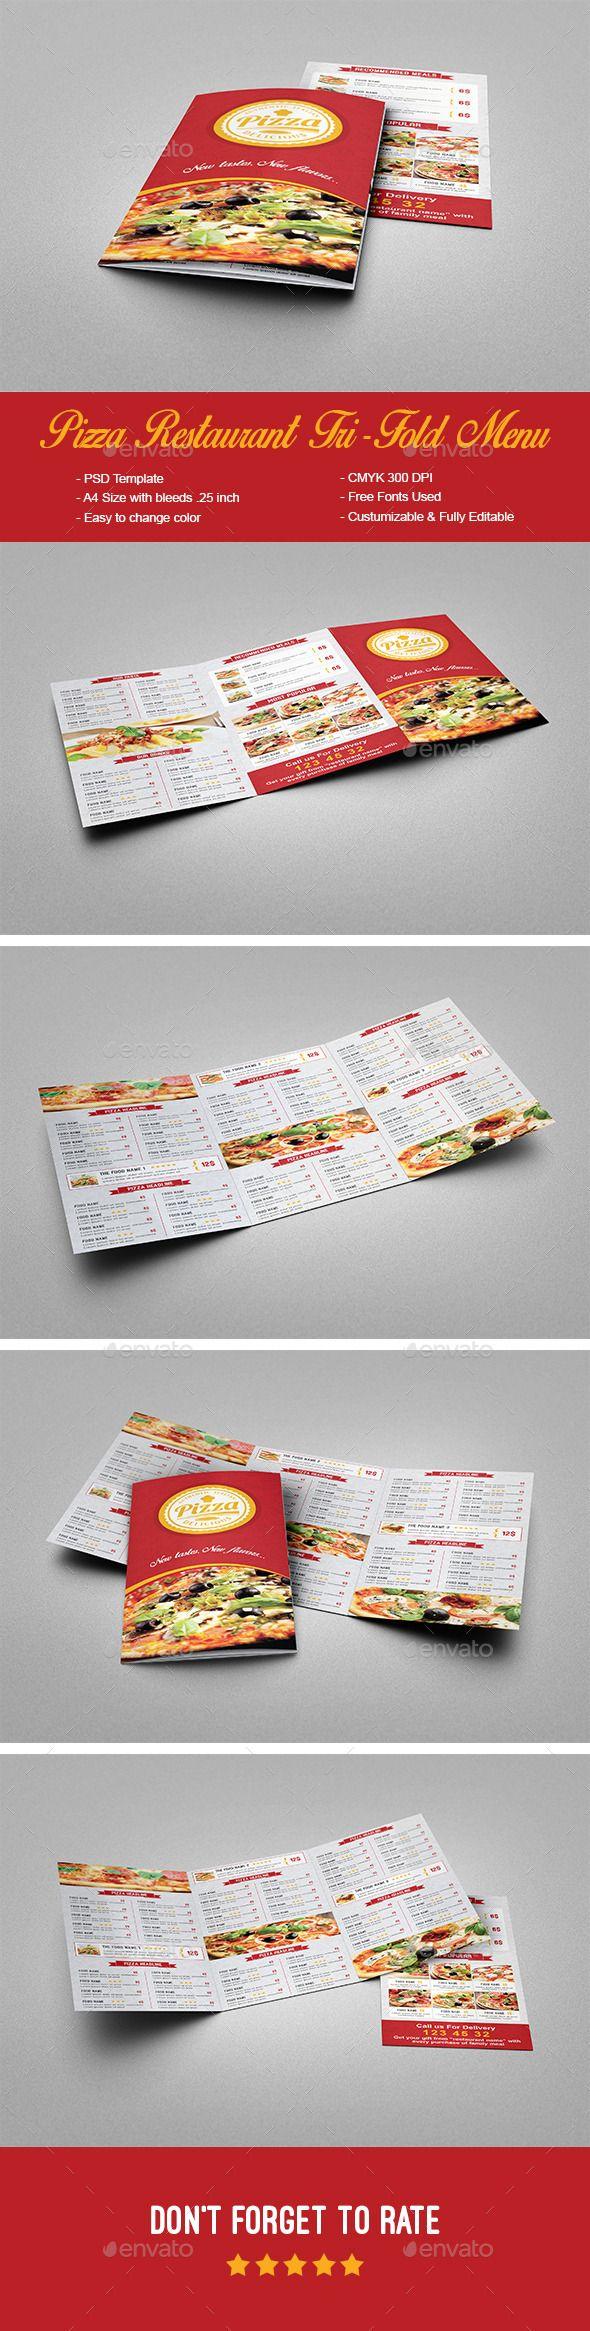 273 best Food Menu Card images on Pinterest | Food menu template ...